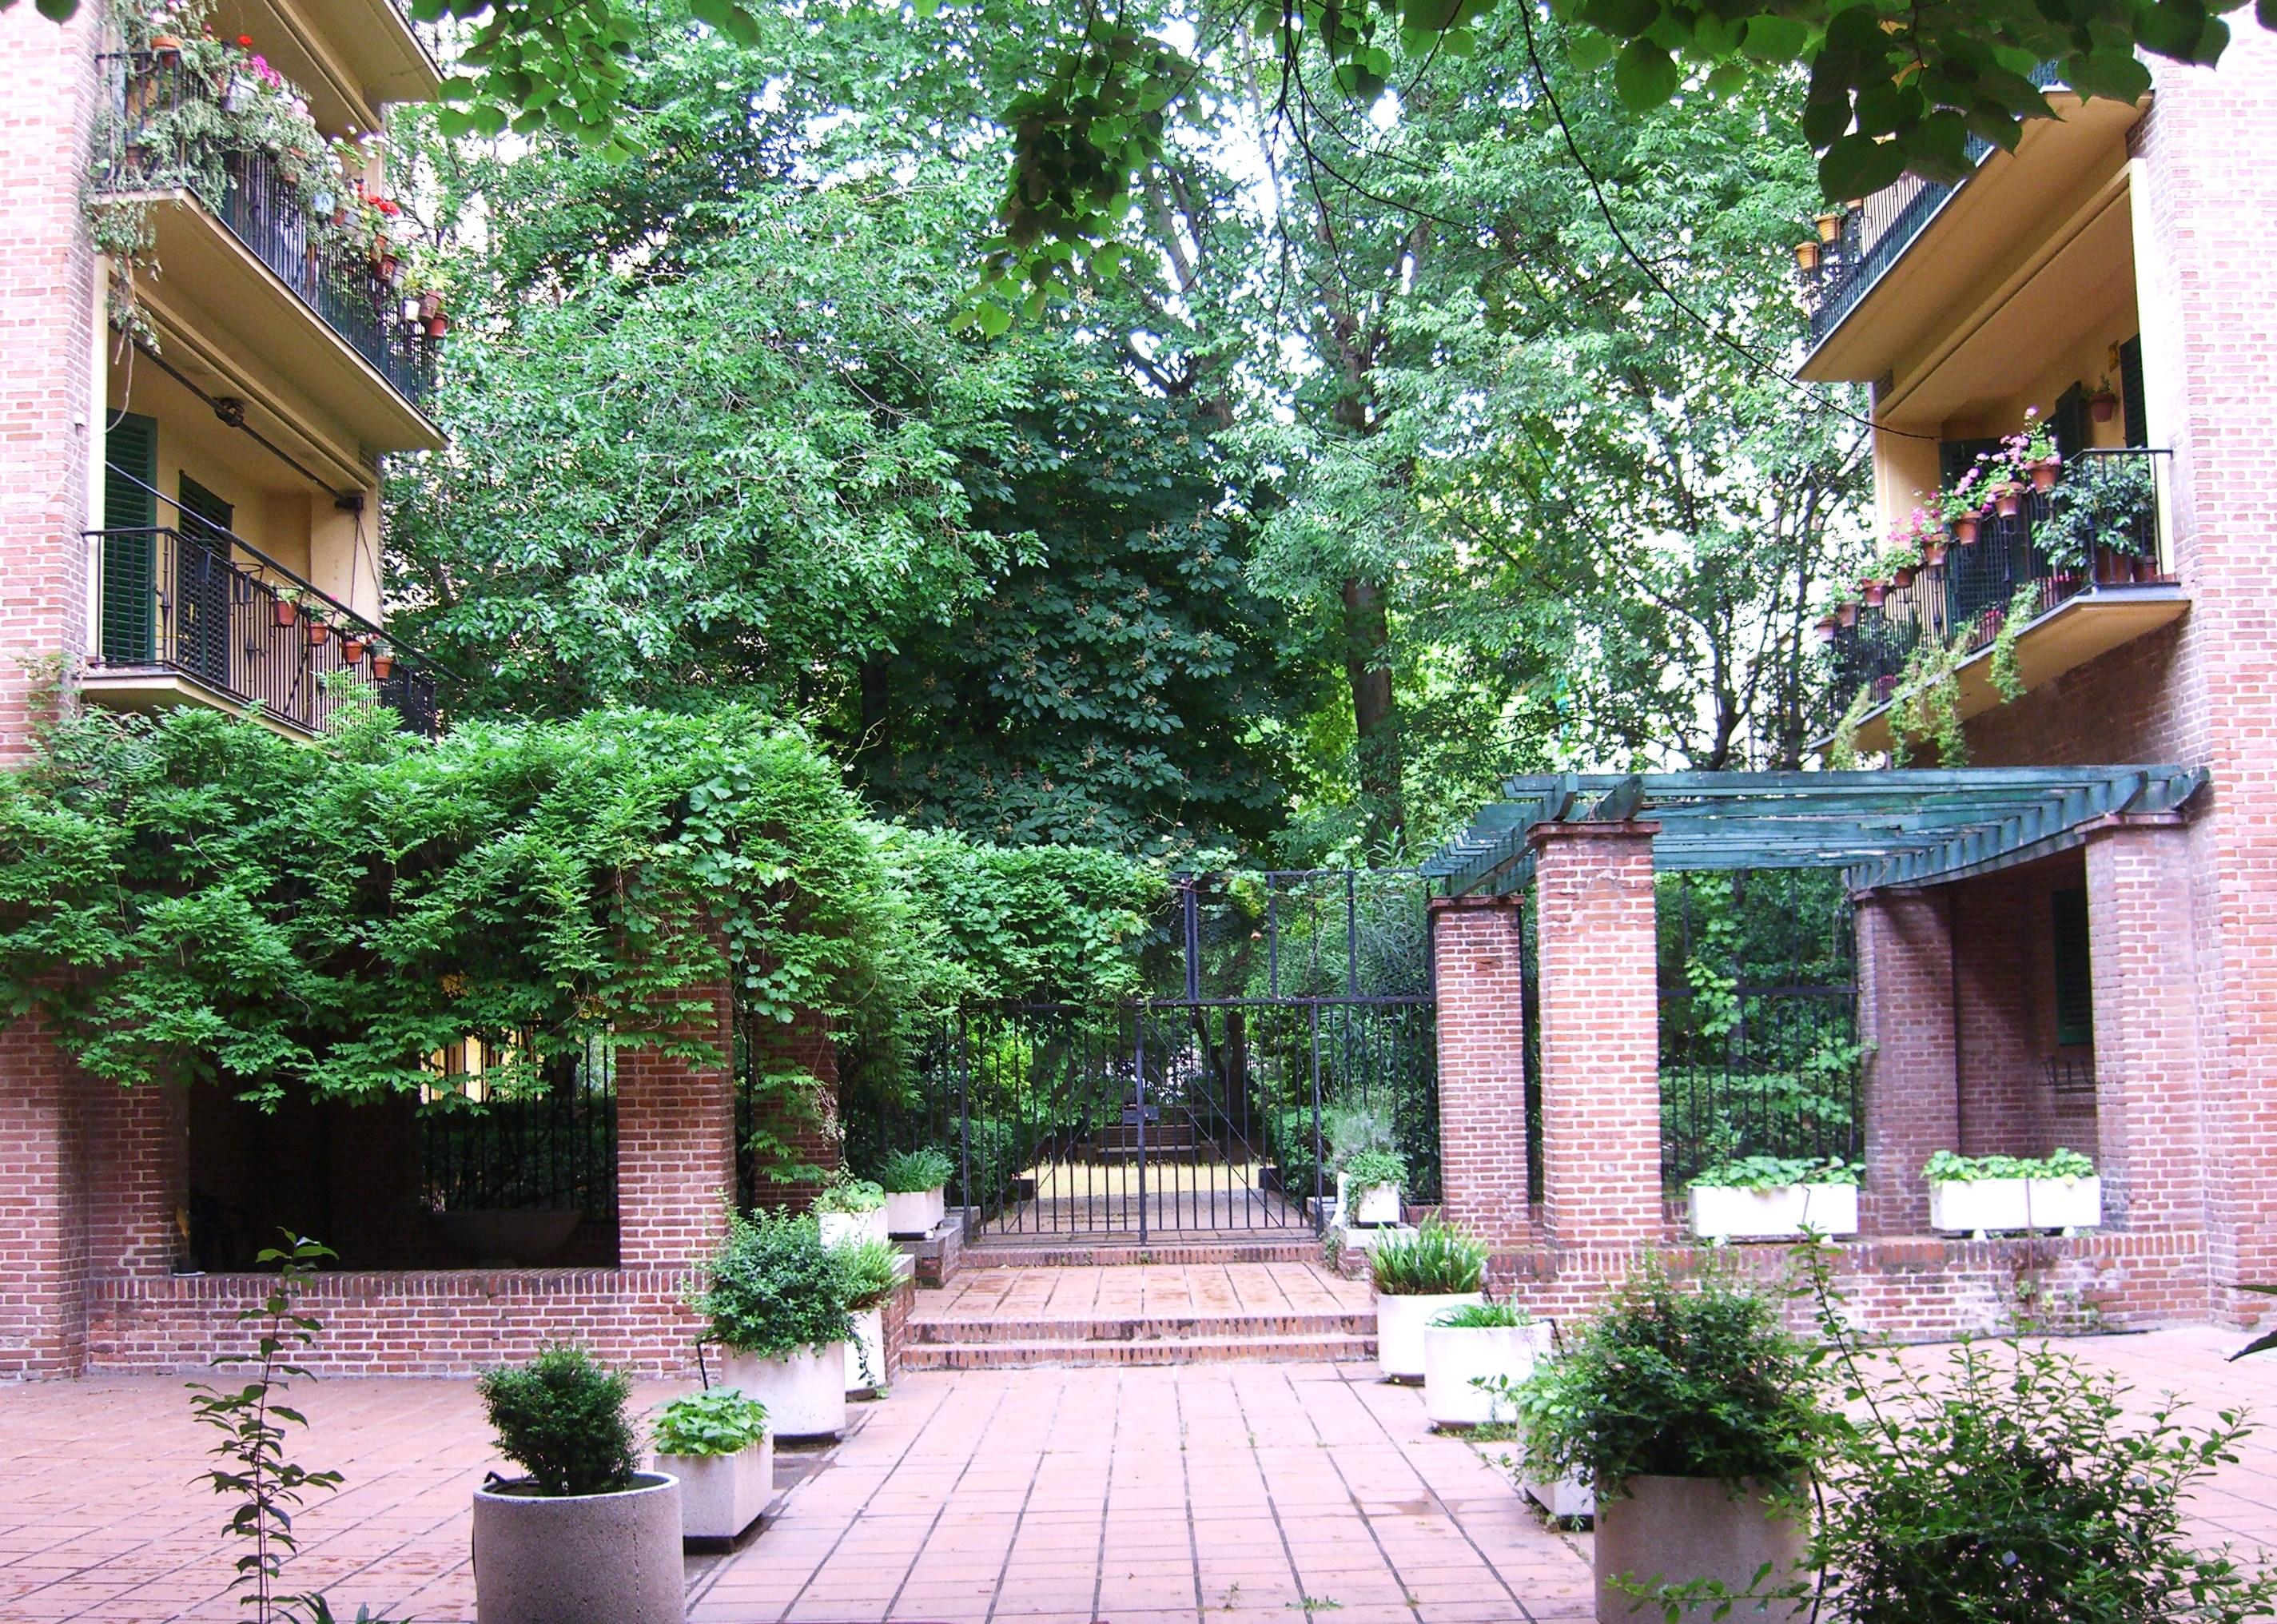 Acceso a la Casa de las Flores en el barrio de Argüelles, donde vivió Neruda mientras fue cónsul en Madrid. La casa fue bombardeada y casi totalmente destruida al estallar la guerra civil.